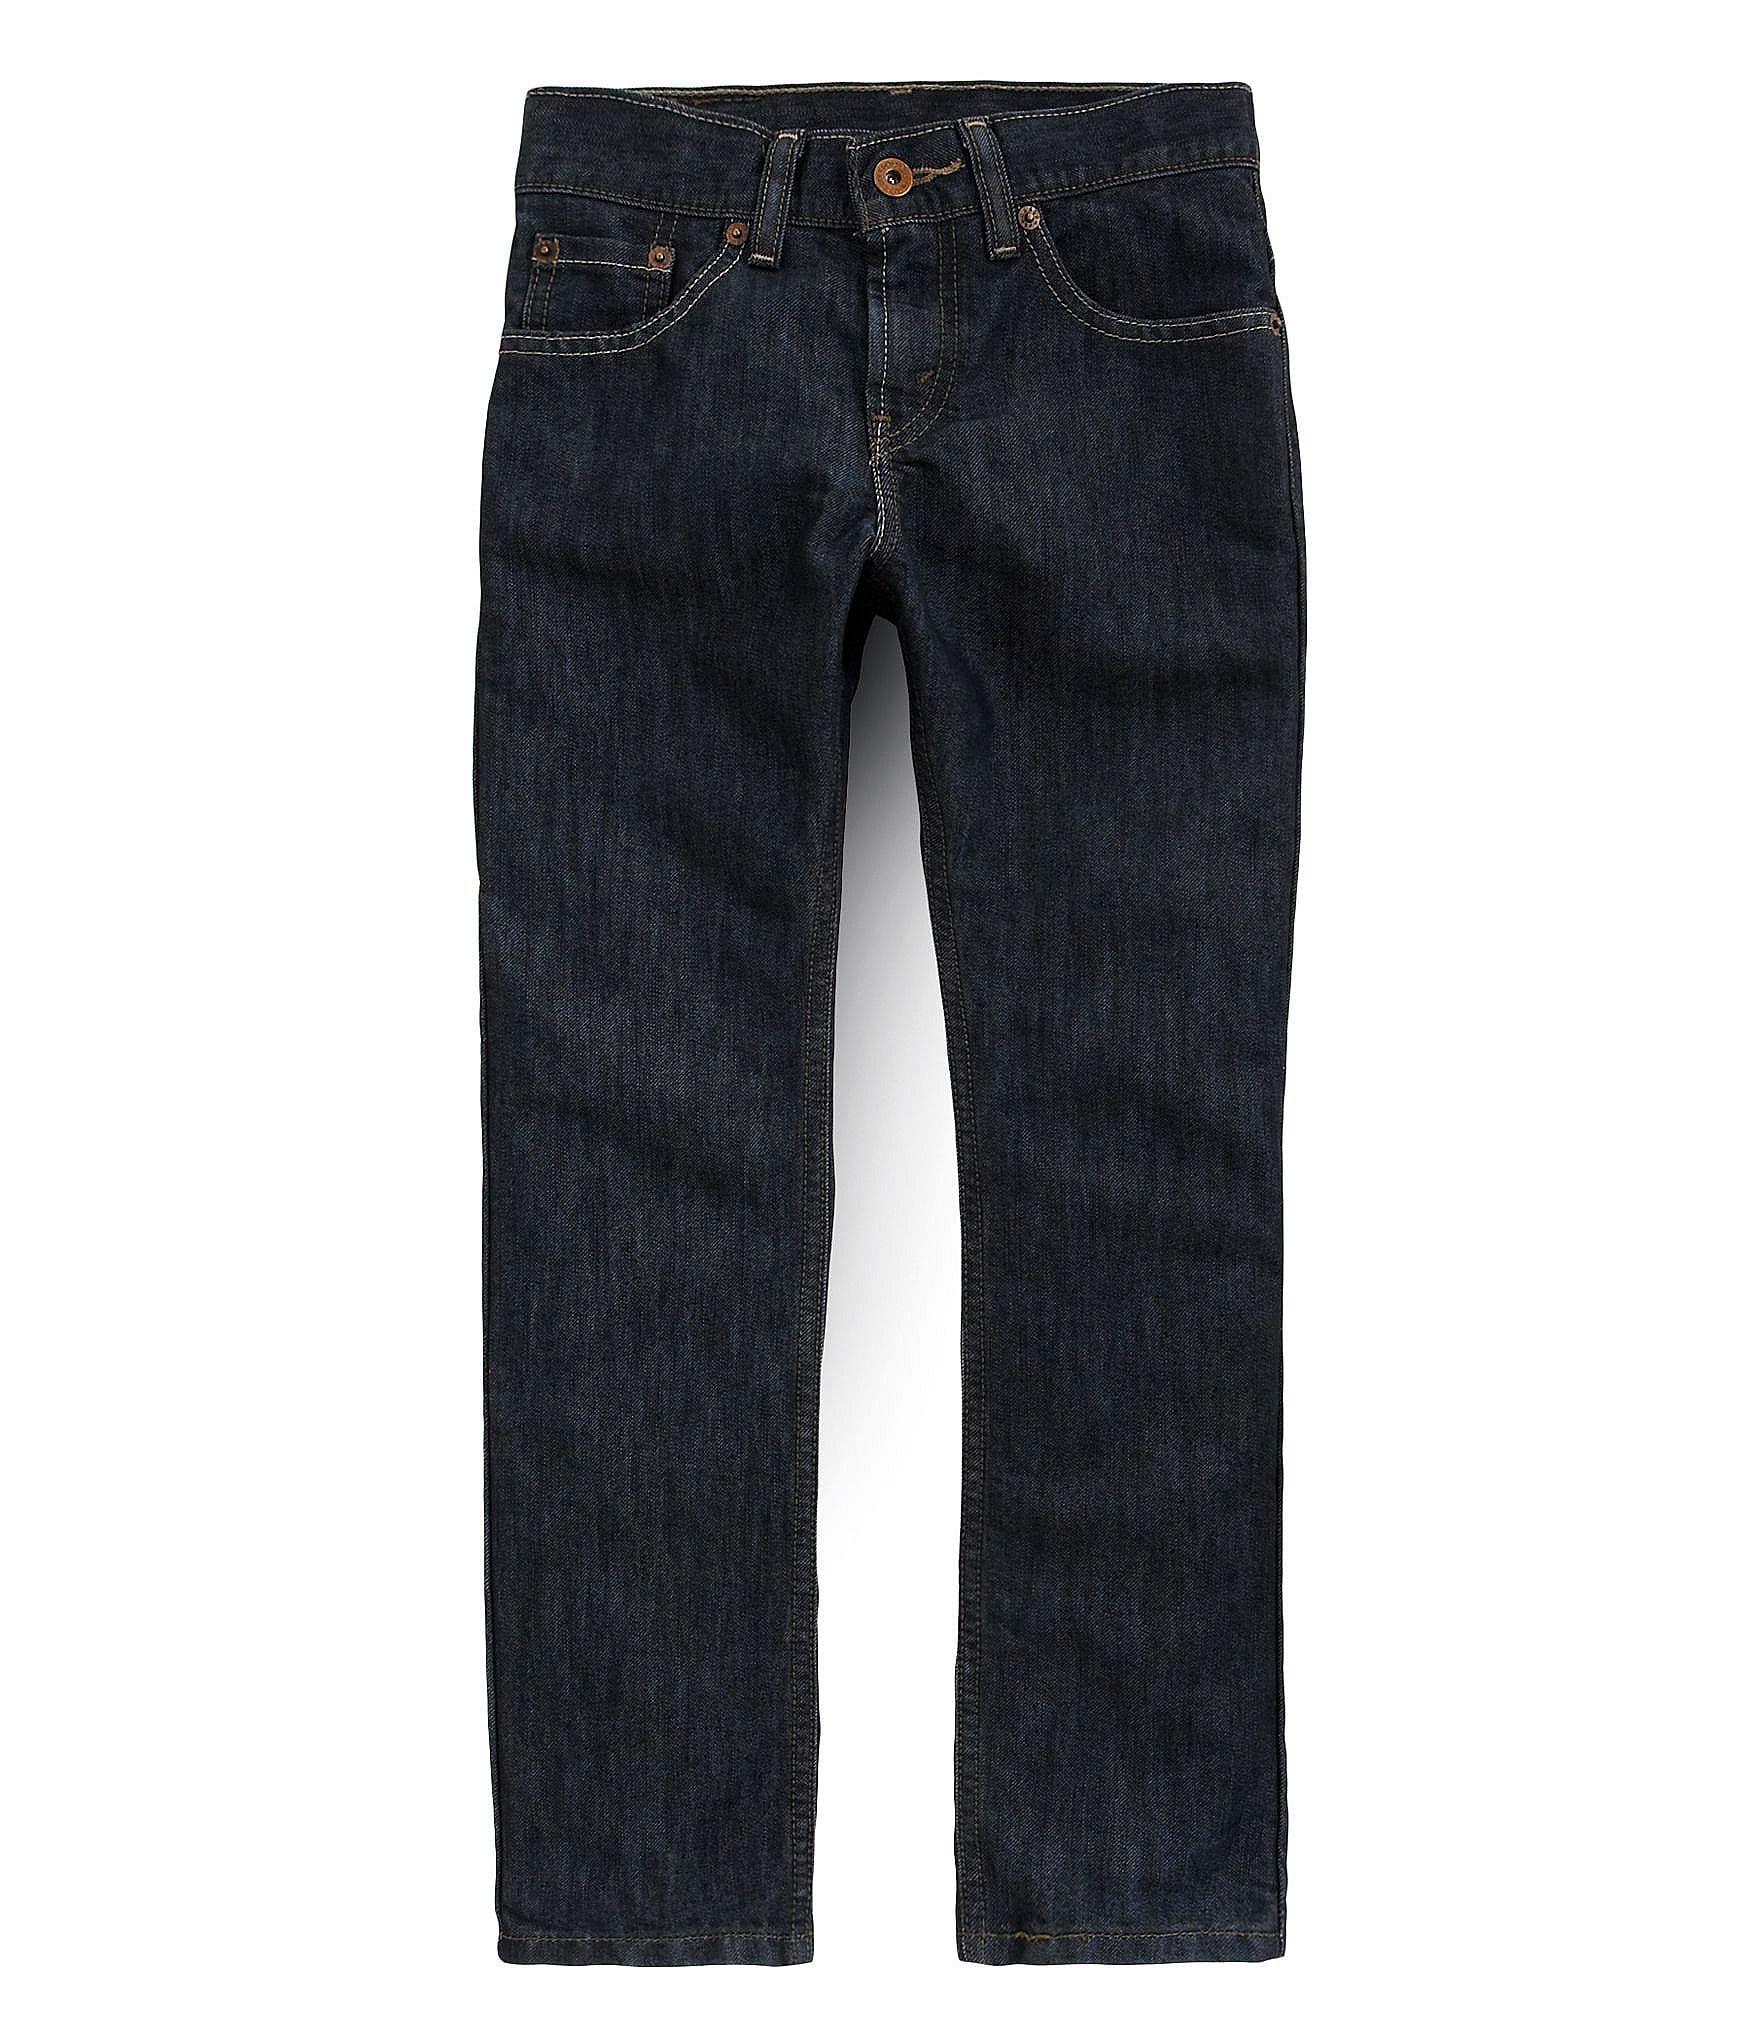 f44fc868 Boys' Jeans | Dillard's